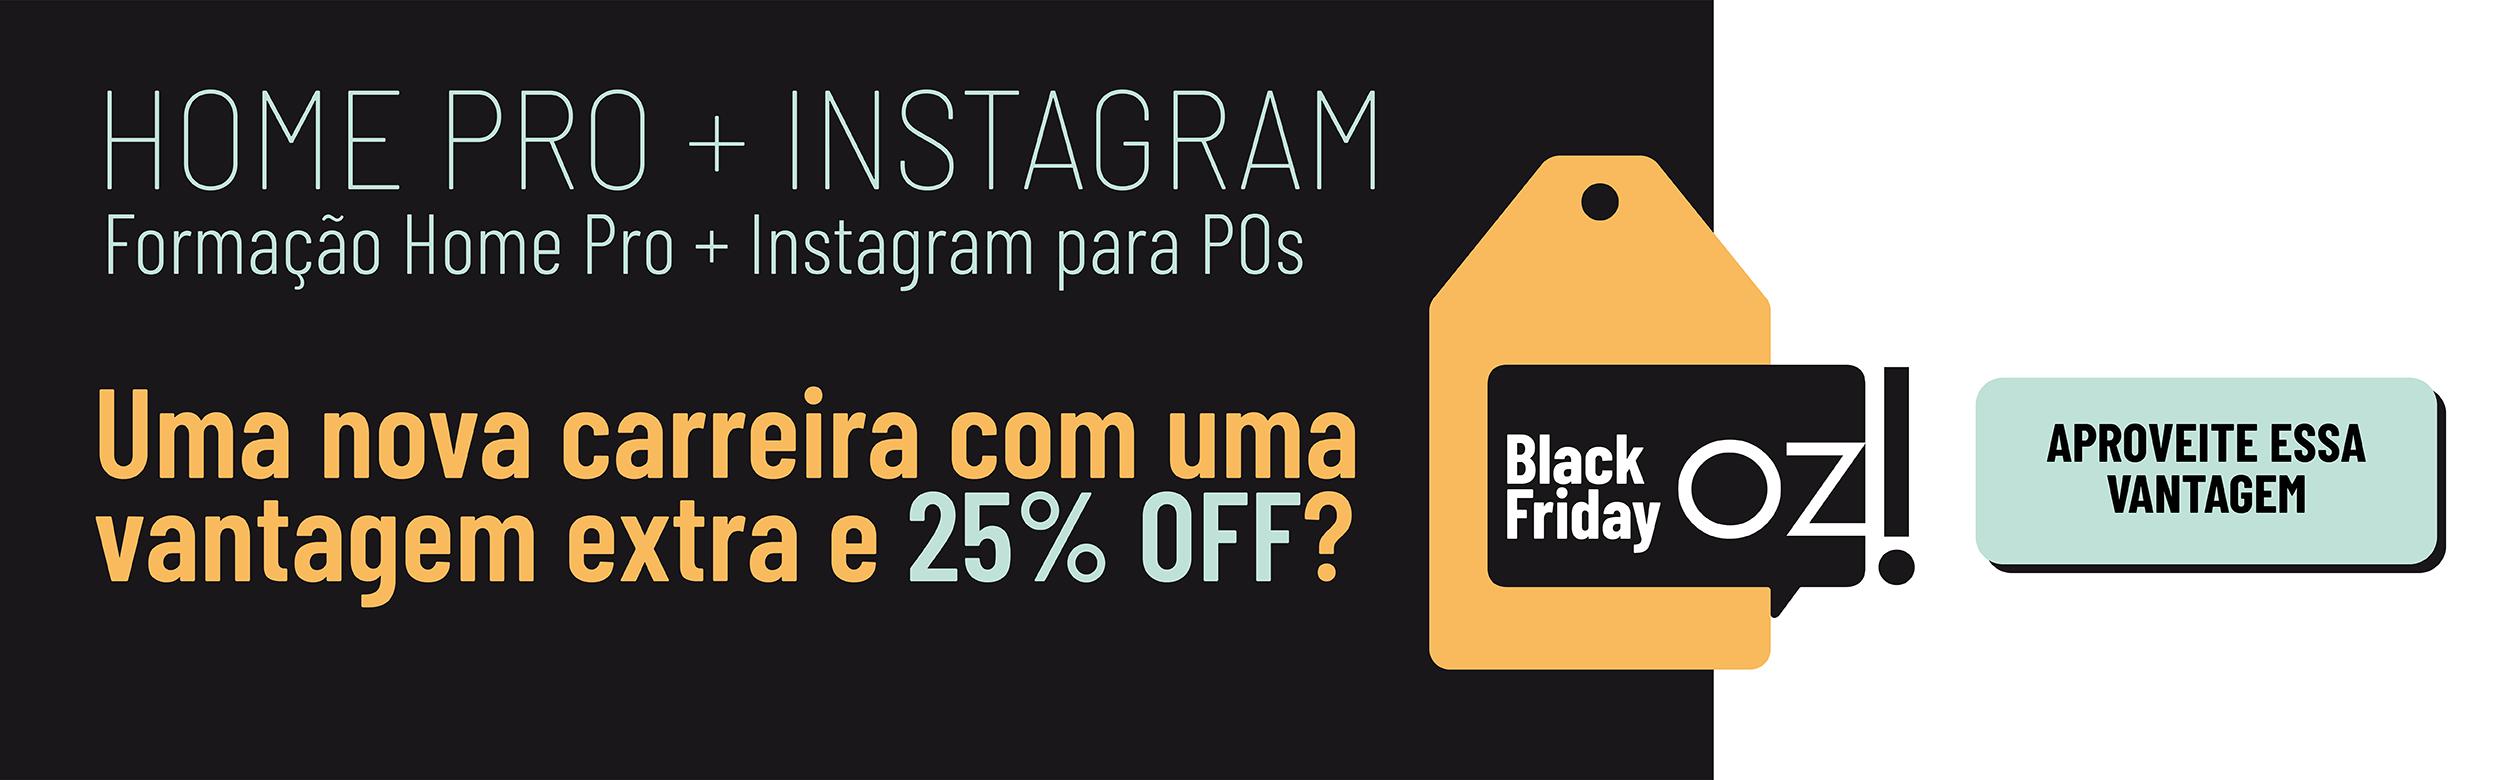 https://materiais.organizesuavida.com.br/blackfridayoz